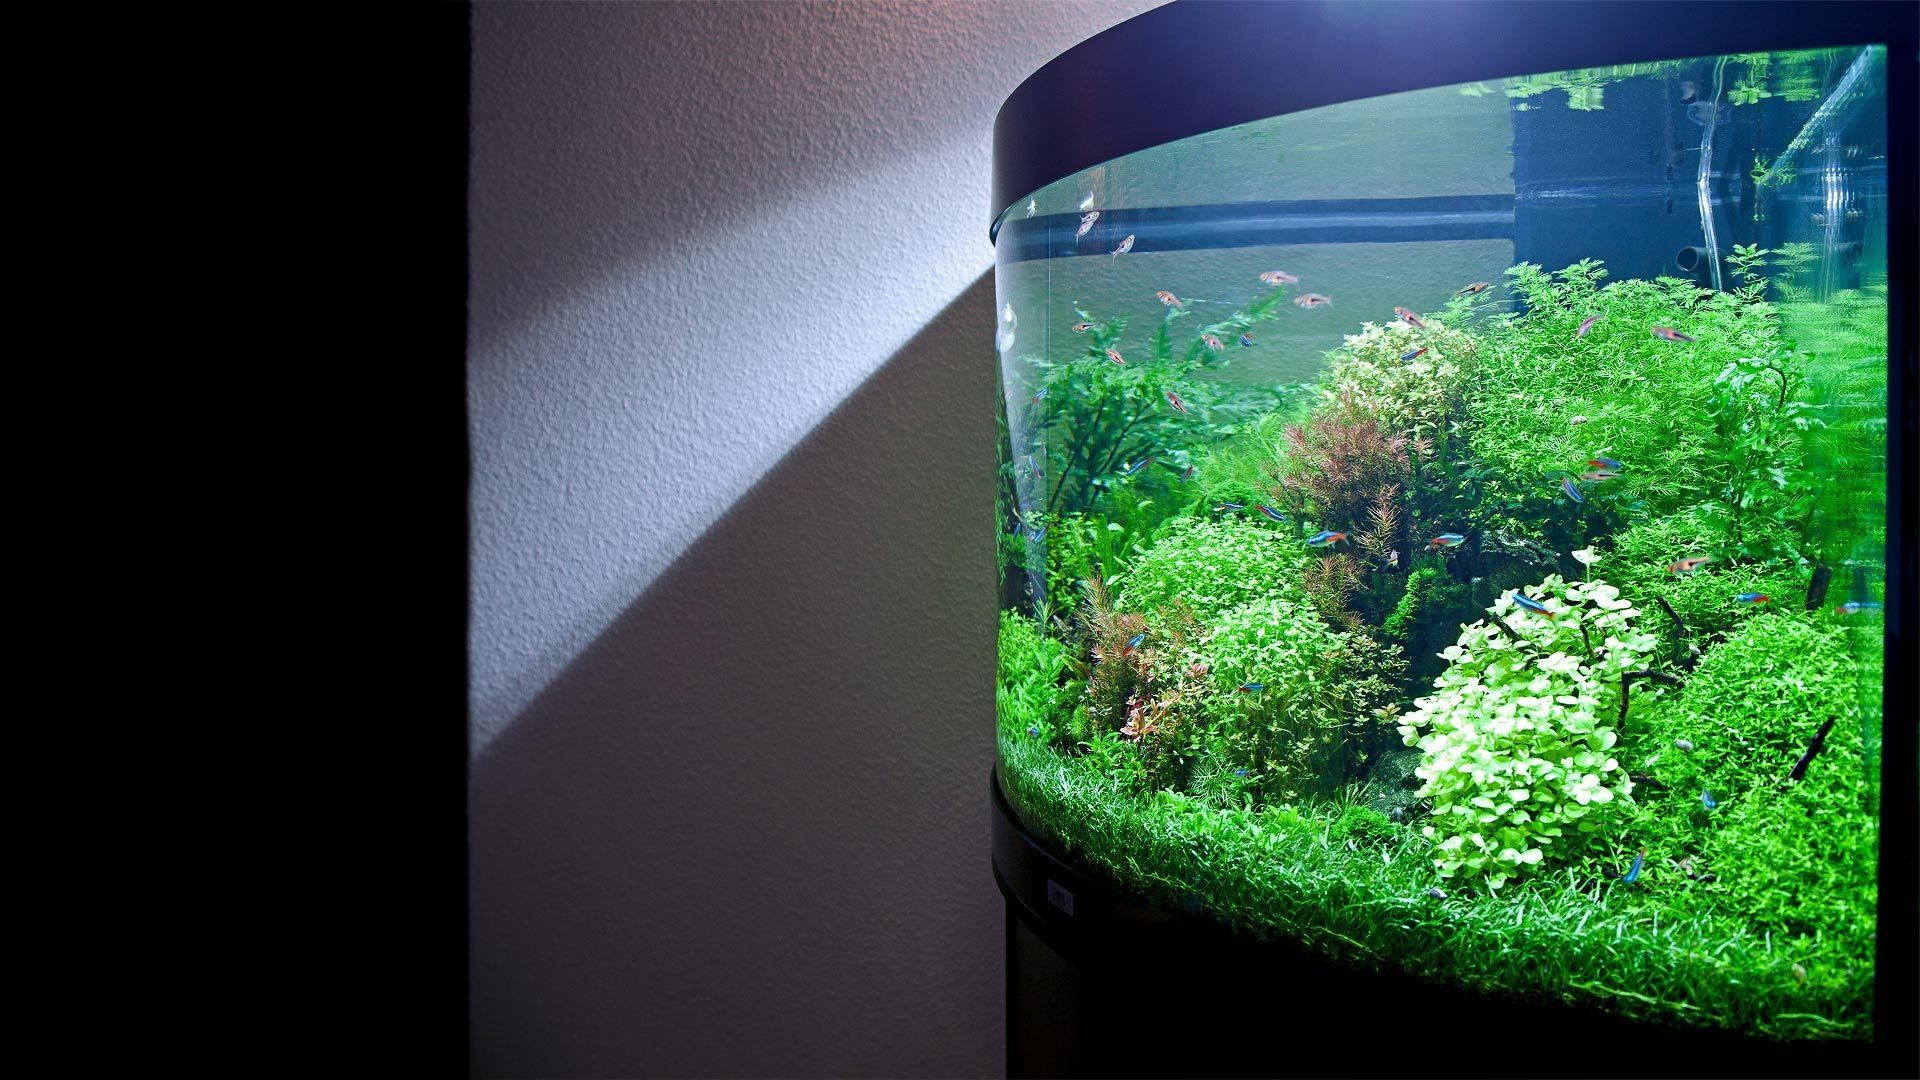 Оформление аквариума 190л, 3,5 месяца. Aquarium decoration 190l, Progress 3.5 months